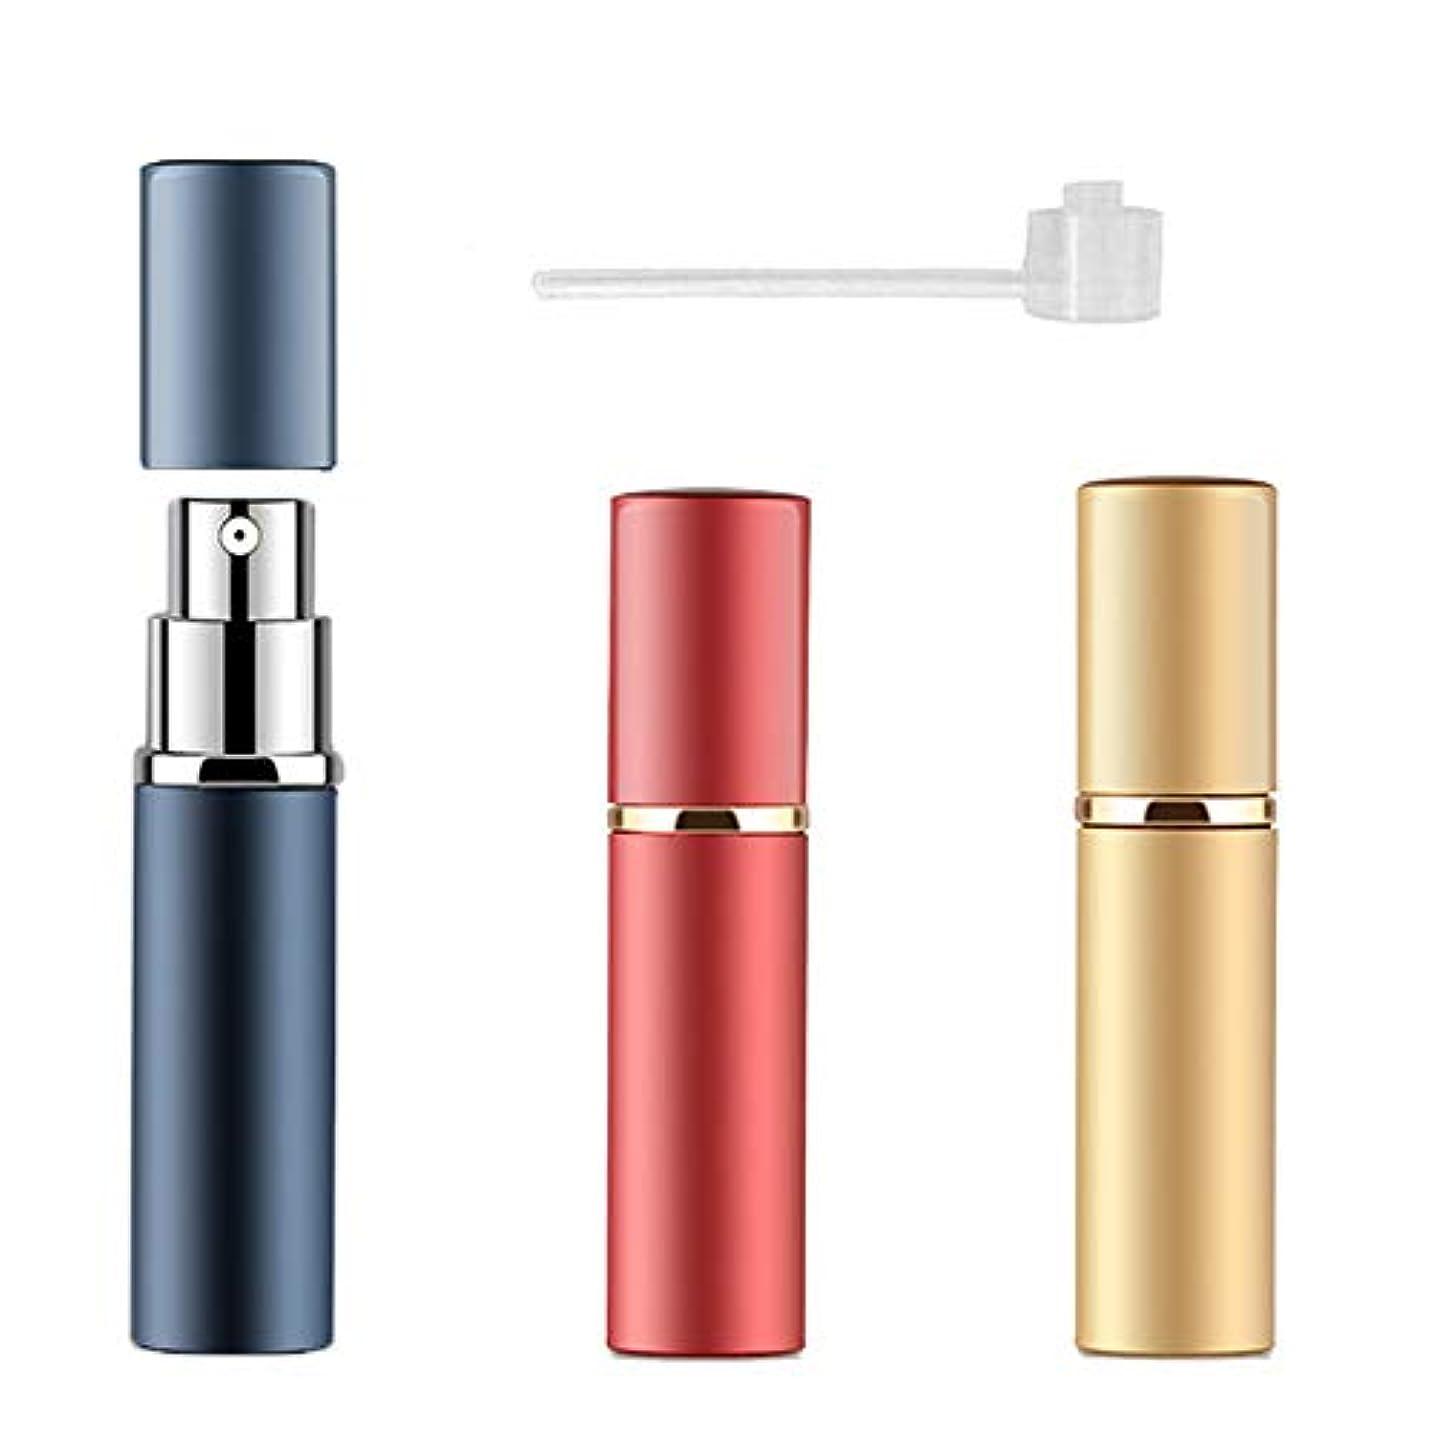 過言作物エレクトロニックアトマイザー 香水 詰め替え容器 スプレーボトル 小分けボトル トラベルボトル 旅行携帯便利 (3色セット)